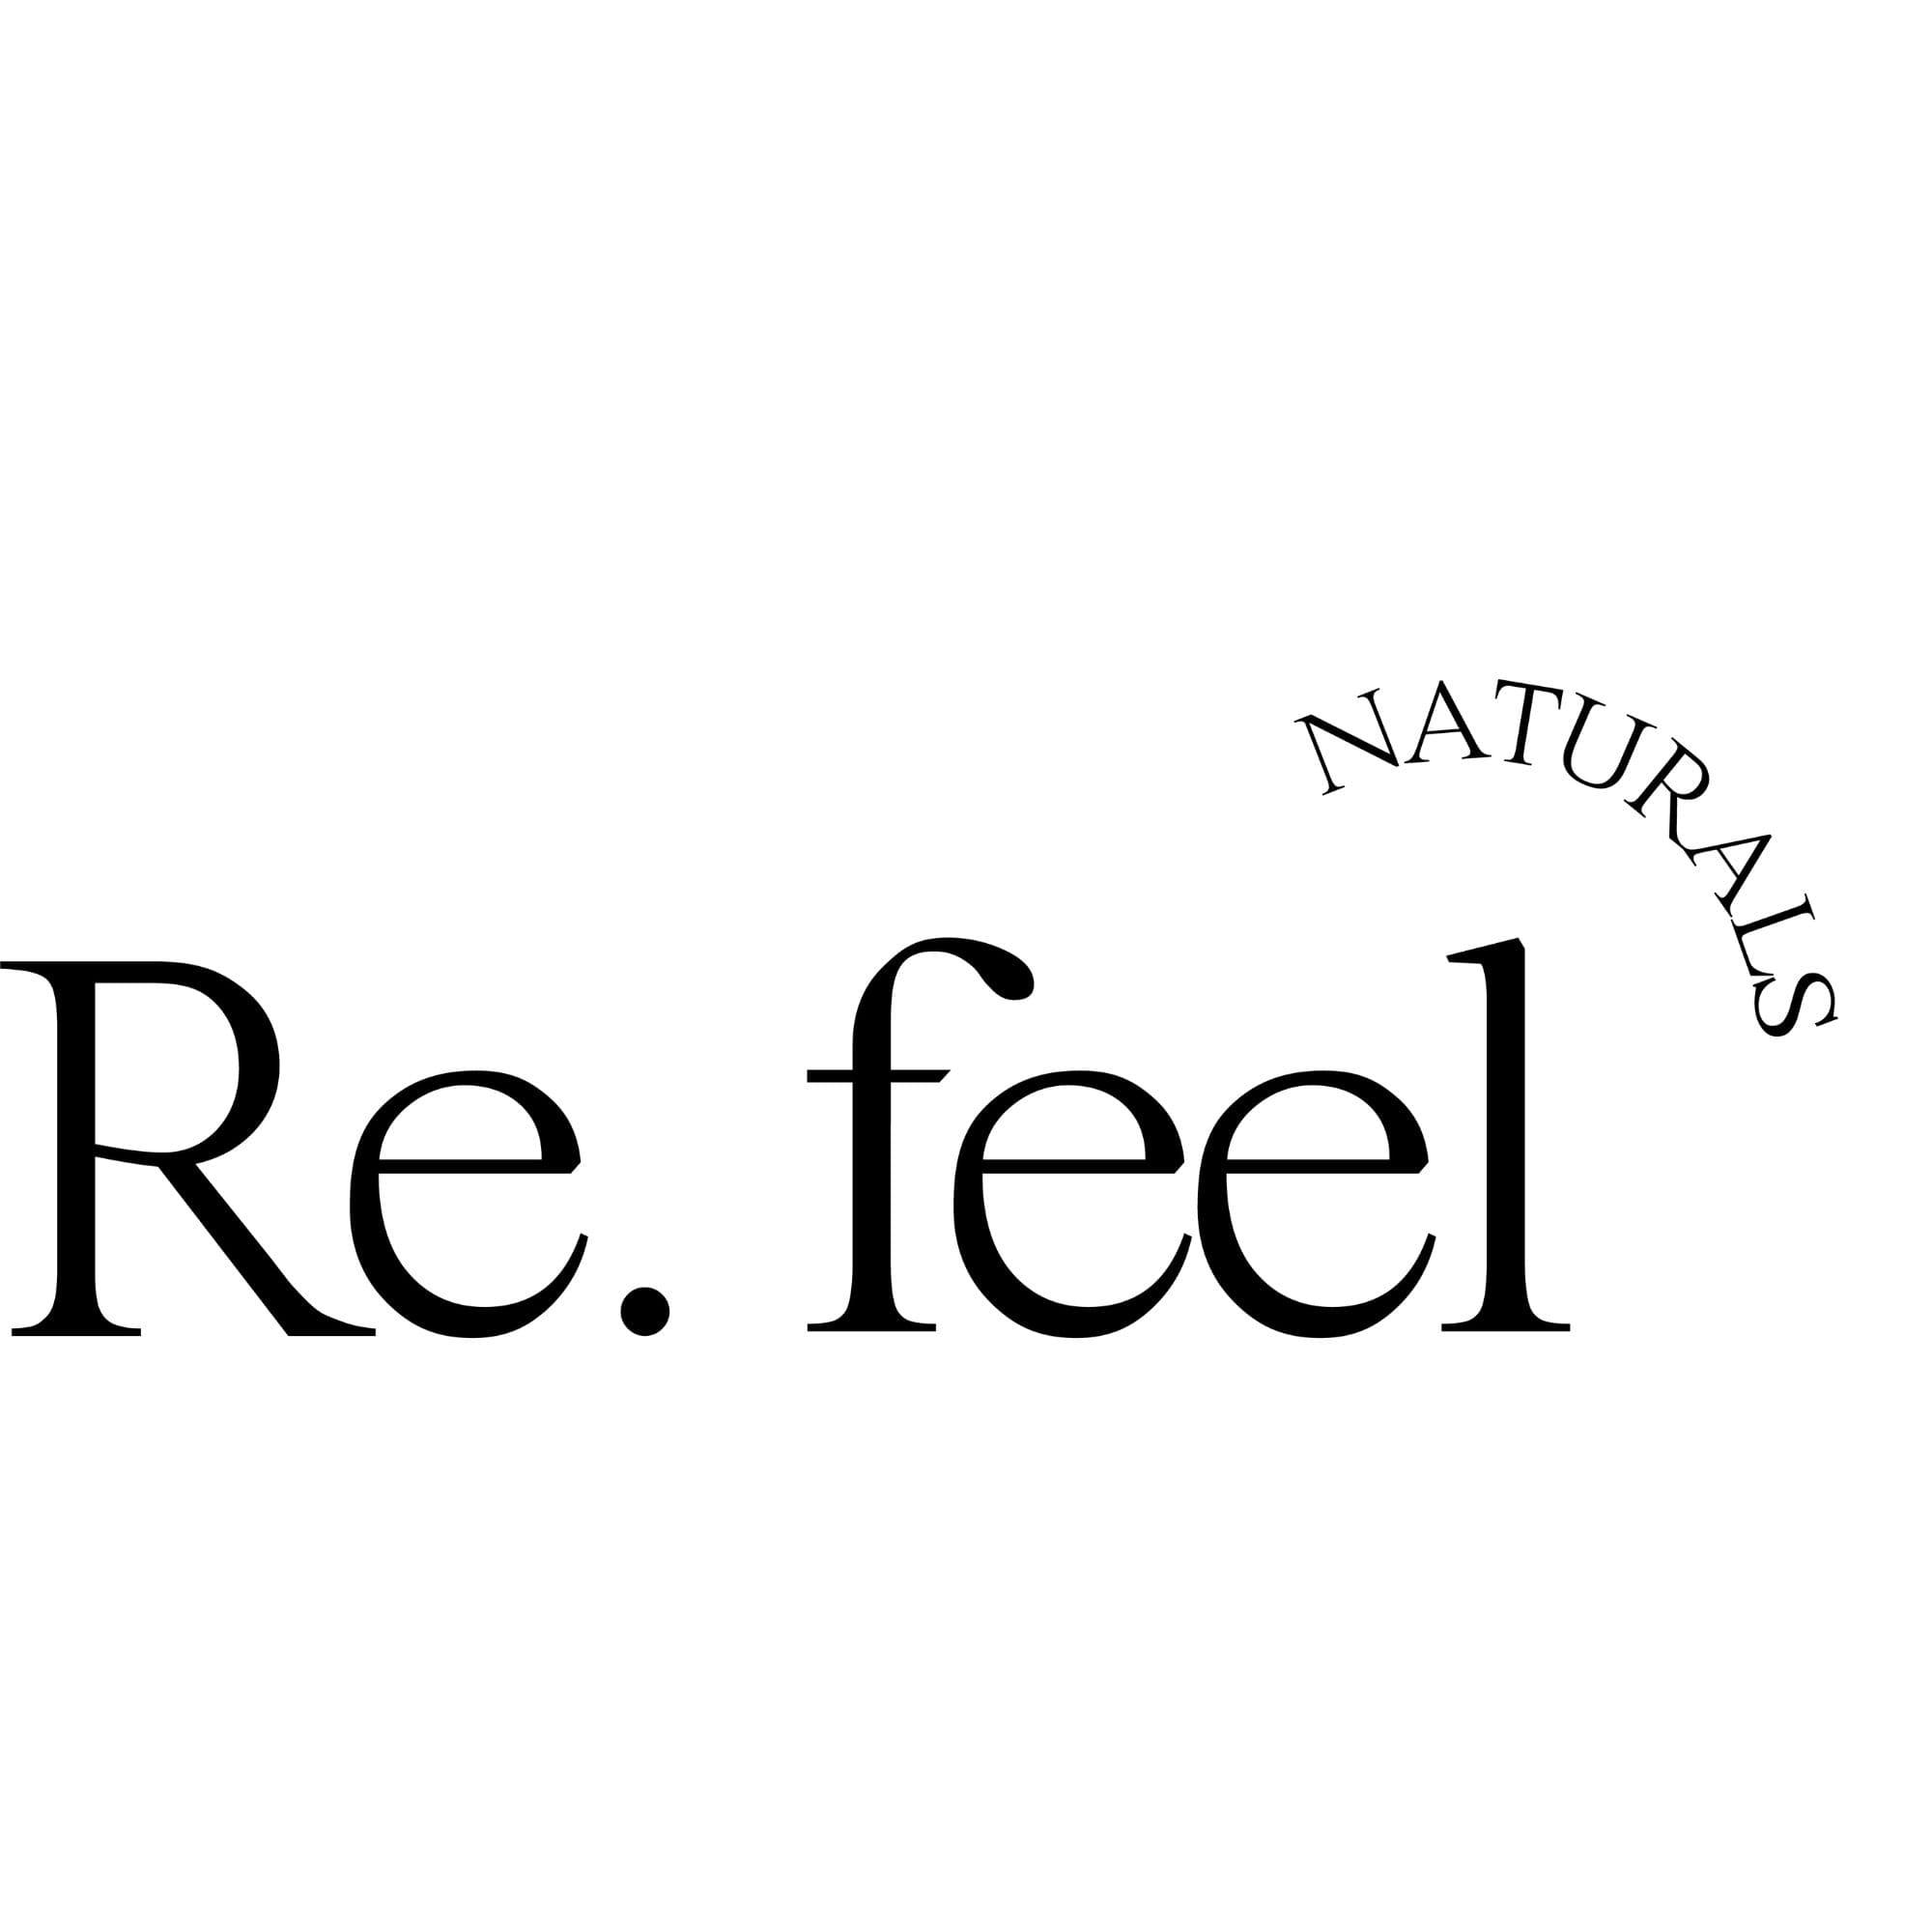 REFEEL NATURALS